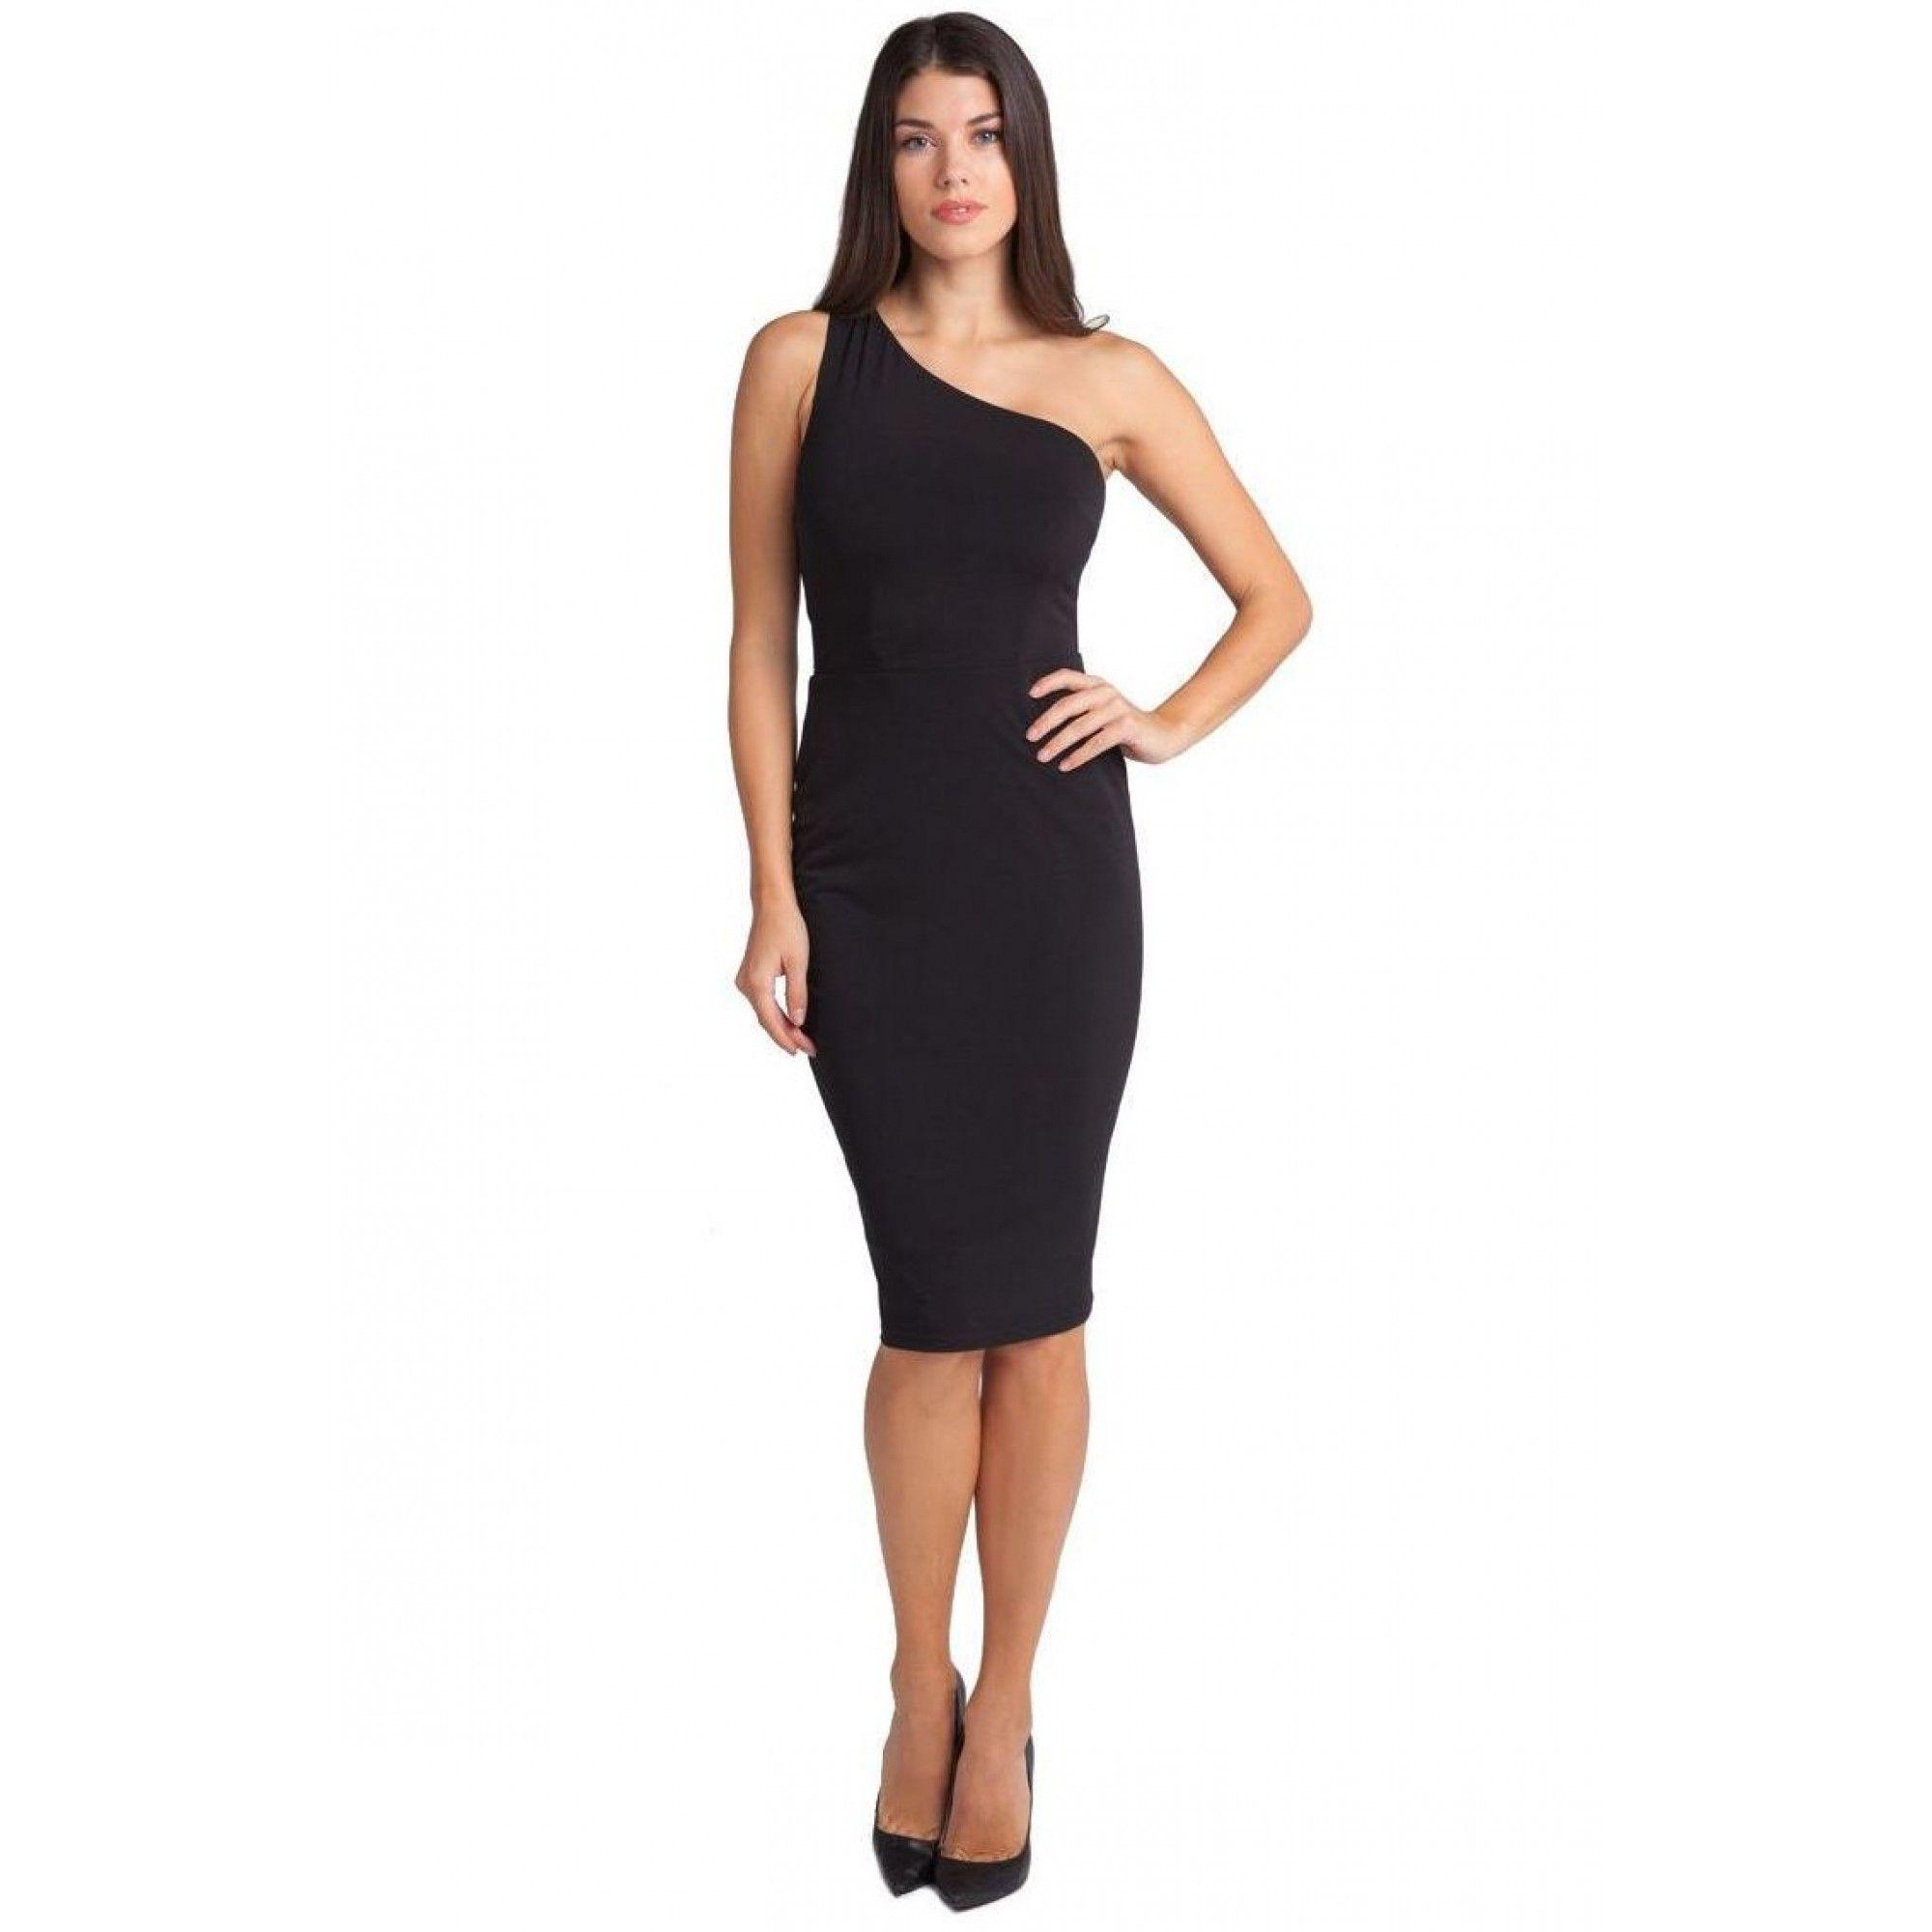 7cb952450f5 Φόρεμα midi εφαρμοστό με ένα ώμο Σύνθεση: 100%POL Shoulder Dress, One  Shoulder